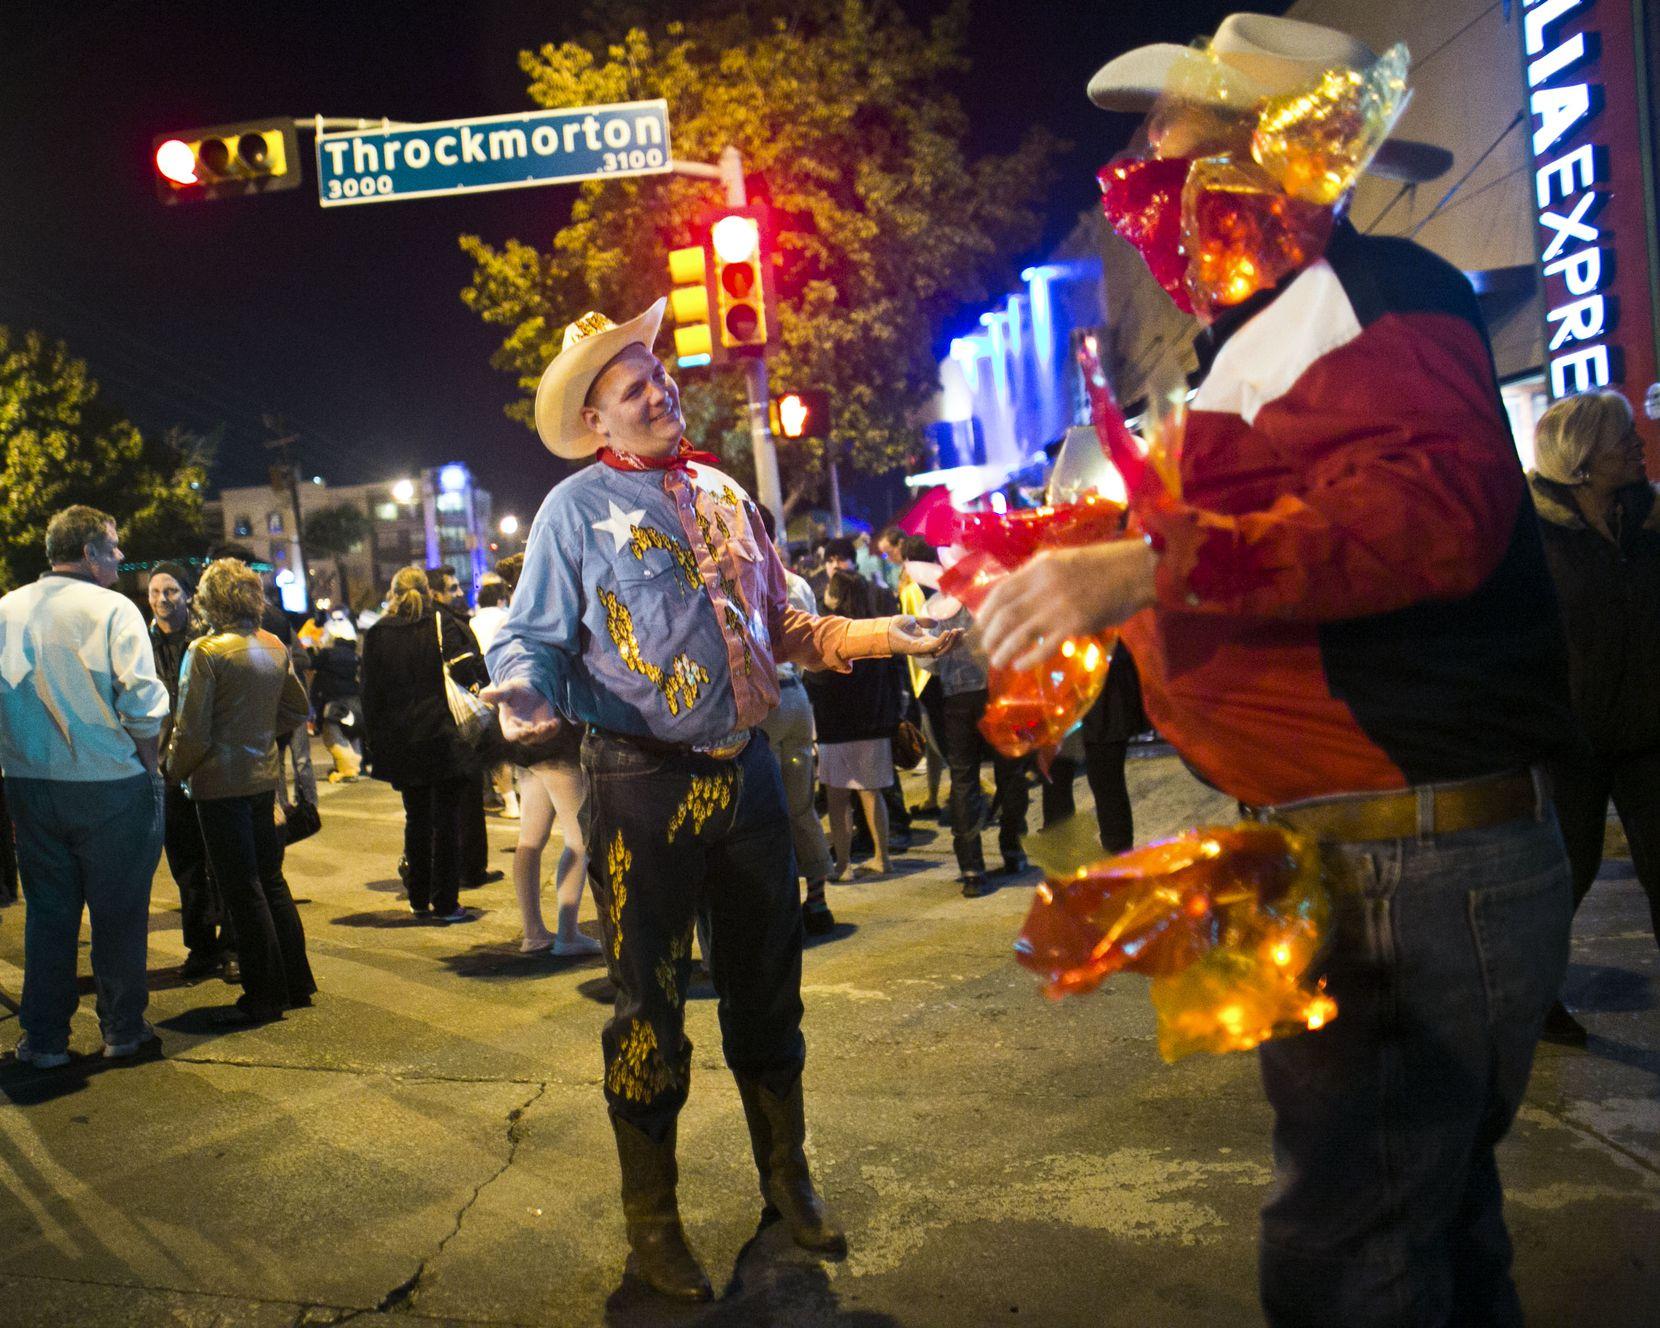 Dos hombres vestidos de Big Tex quemado/GuideLive